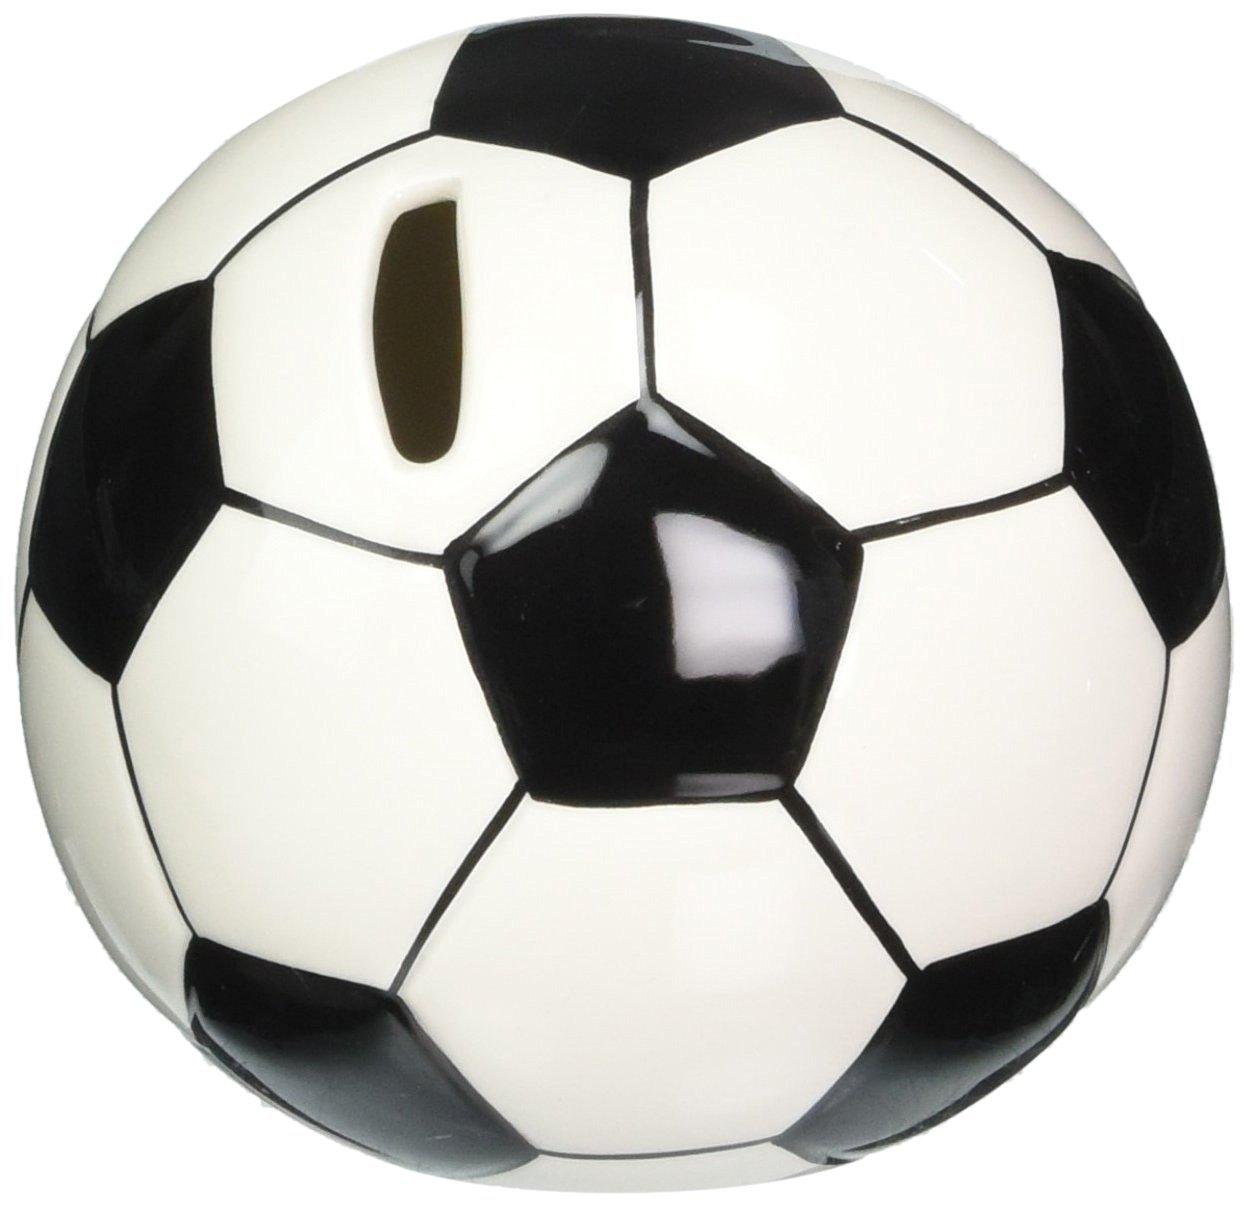 6a8fa4f6fca0 Get Quotations · Cosmos 10509 Fine Porcelain Soccer Piggy Bank